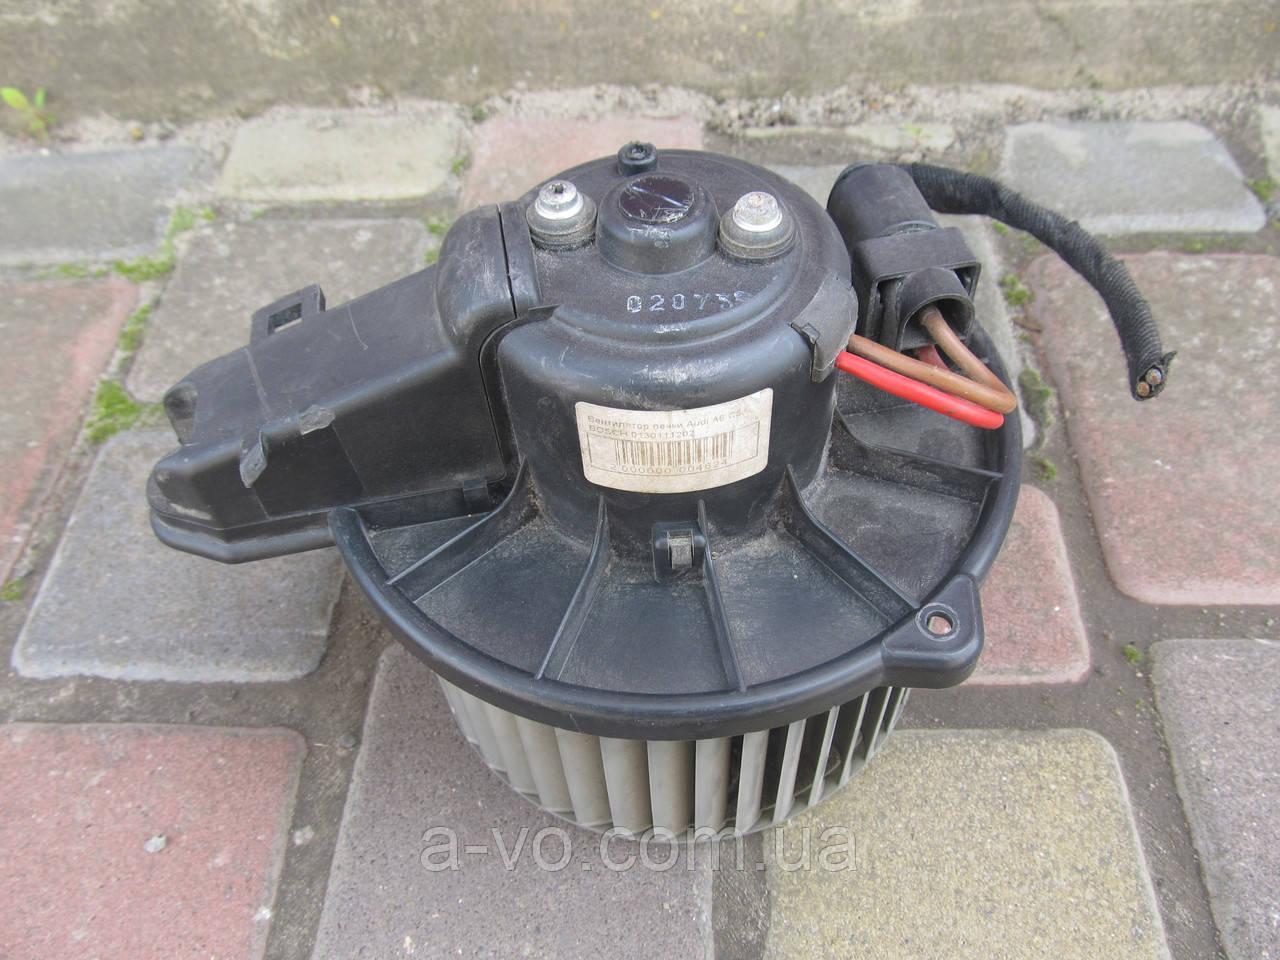 Вентилятор моторчик печки для  Audi A6C5, Bosch 0130111202, 4B1820021, 4B1820021B, MF016070-0361